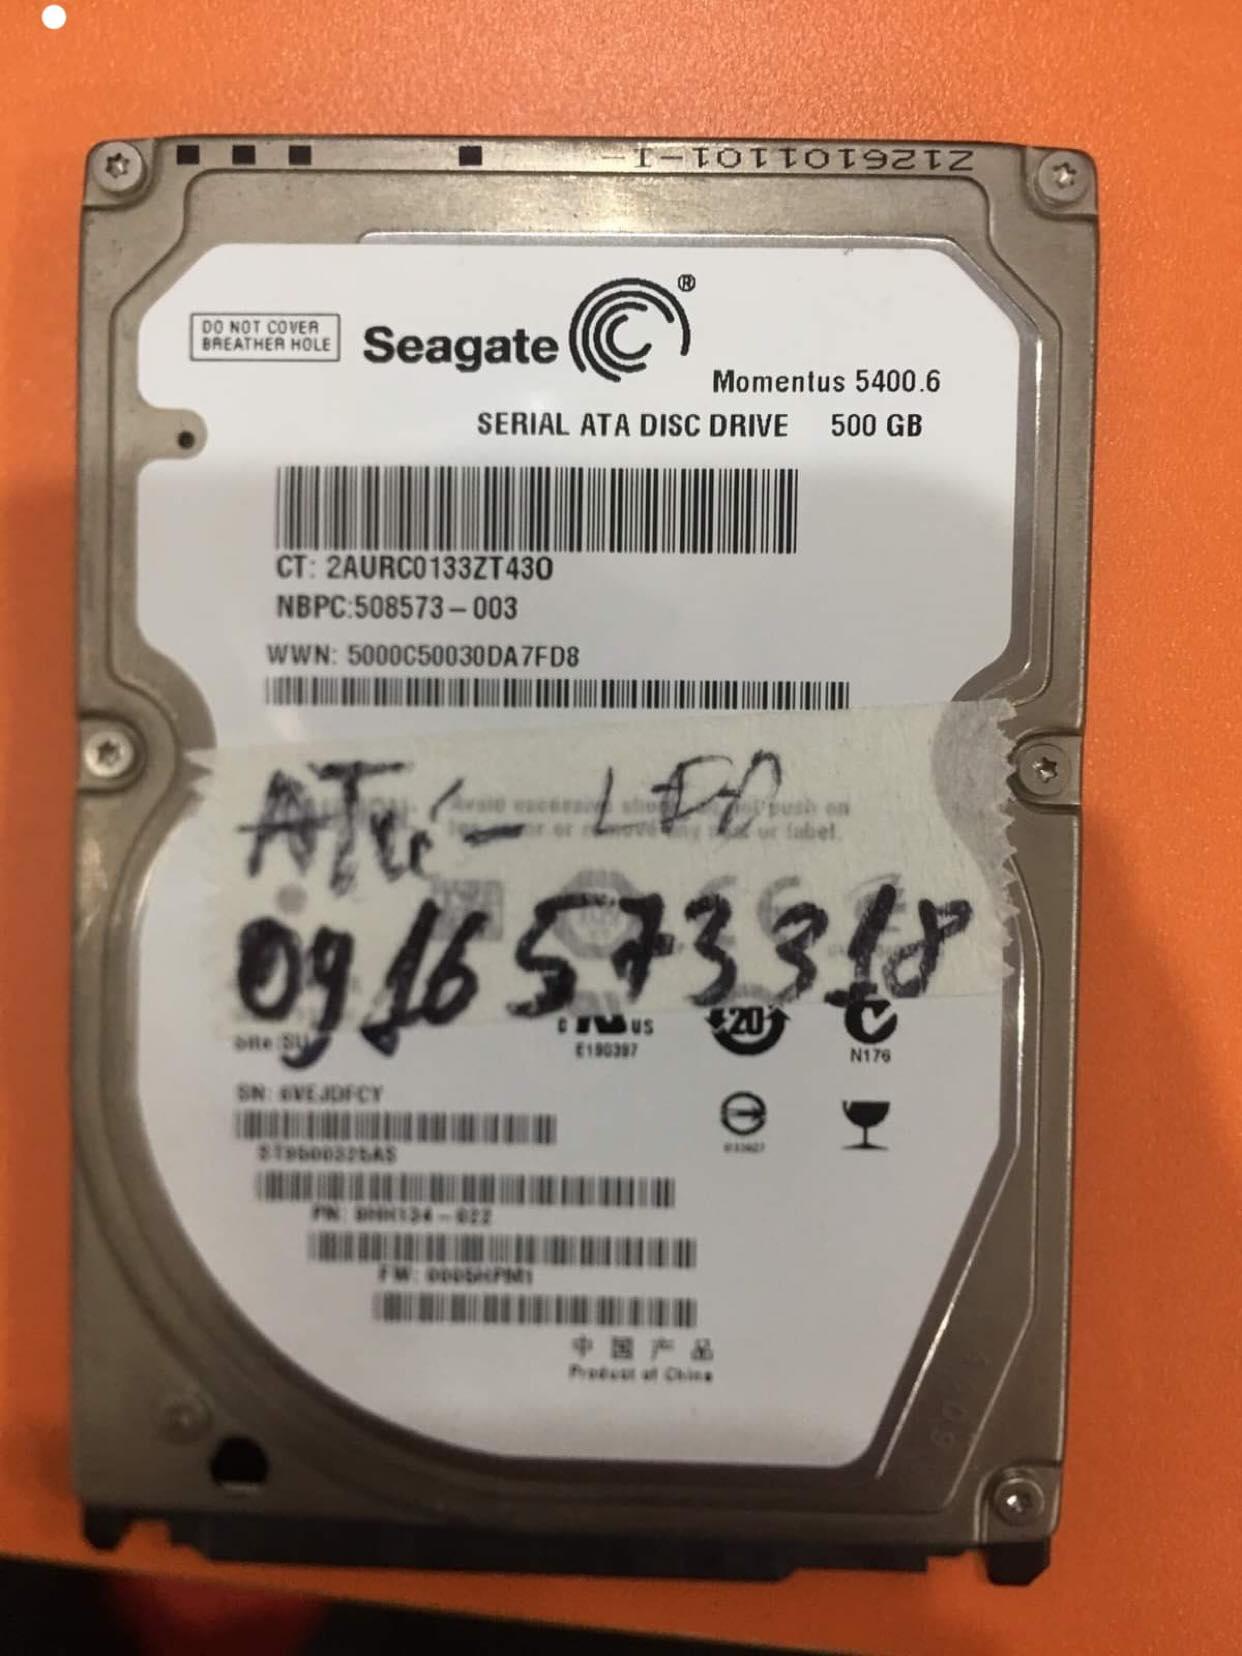 Lấy dữ liệu ổ cứng Seagate 500GB lỗi đầu đọc 07/08/2019 - cuumaytinh